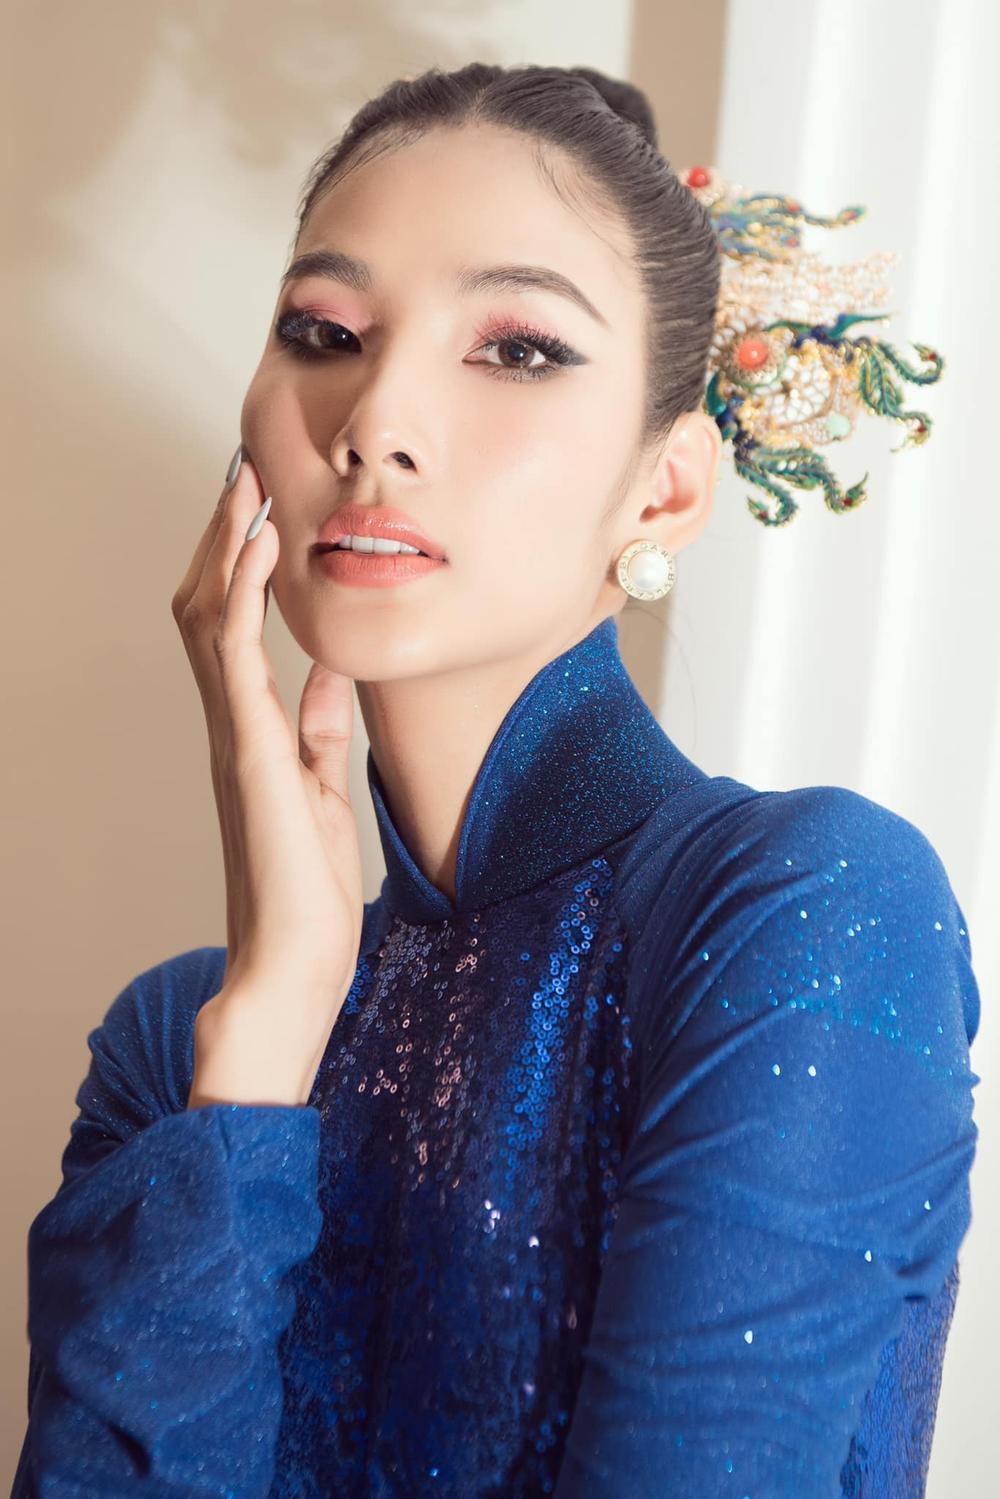 Sức hút mạnh mẽ của 7 hoa hậu 9X độc thân: Minh Tú - Hoàng Thùy - H'Hen Niê xứng danh chiến binh sắc đẹp Ảnh 5